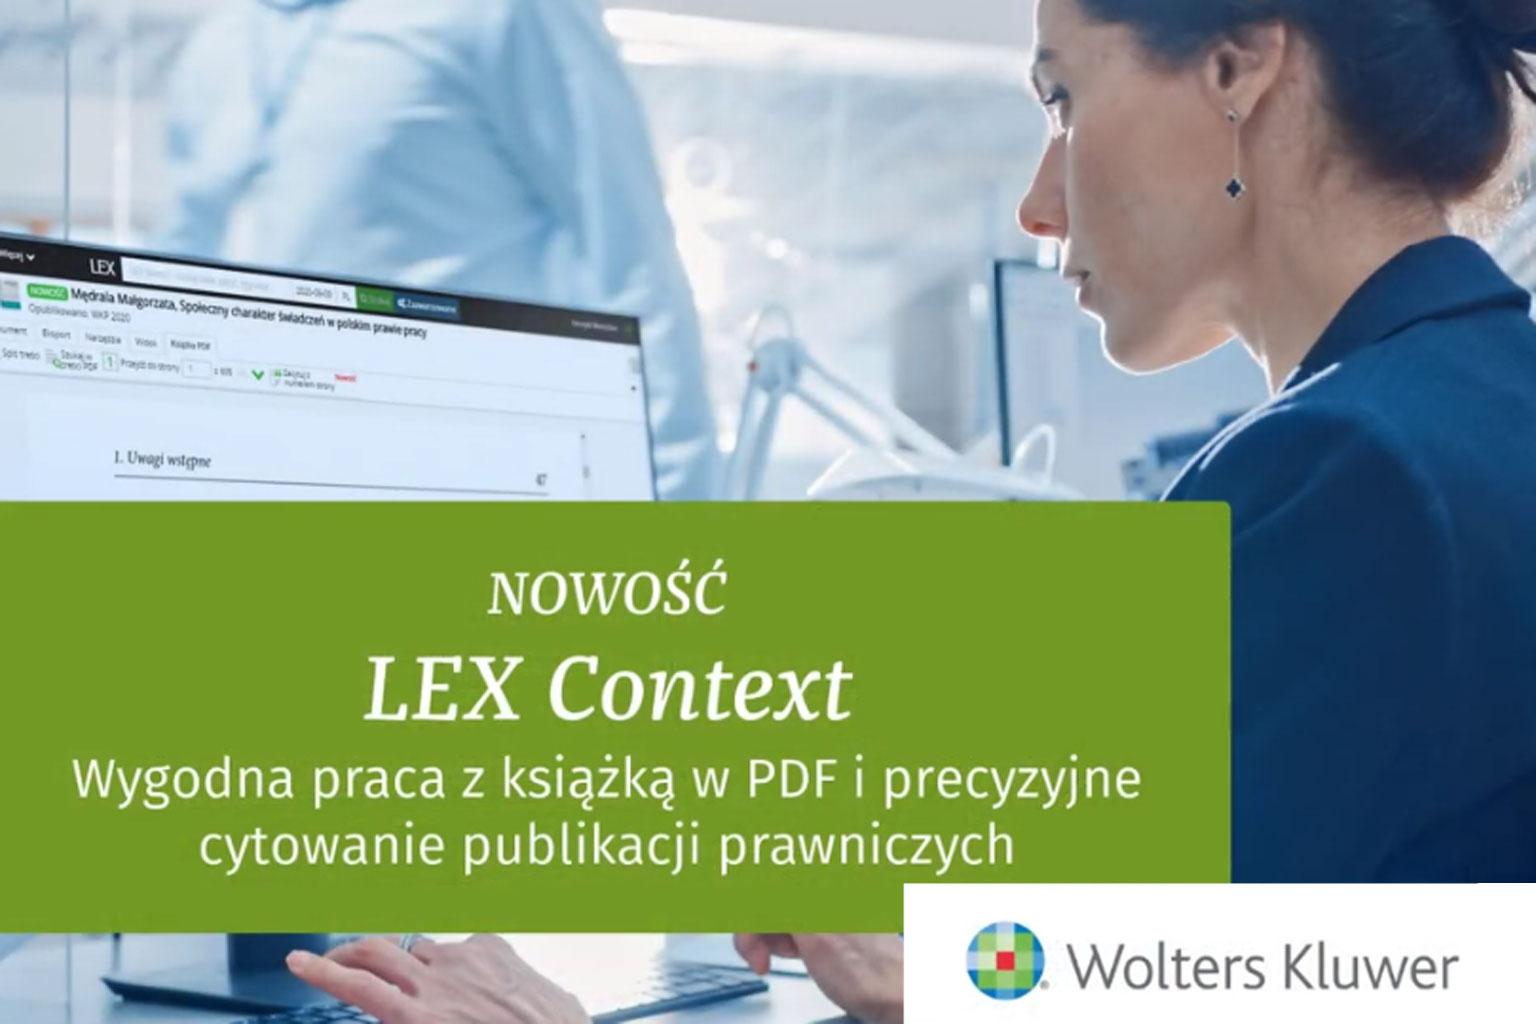 Instrukcja cytowania i pracy z książką w PDF w LEX Context